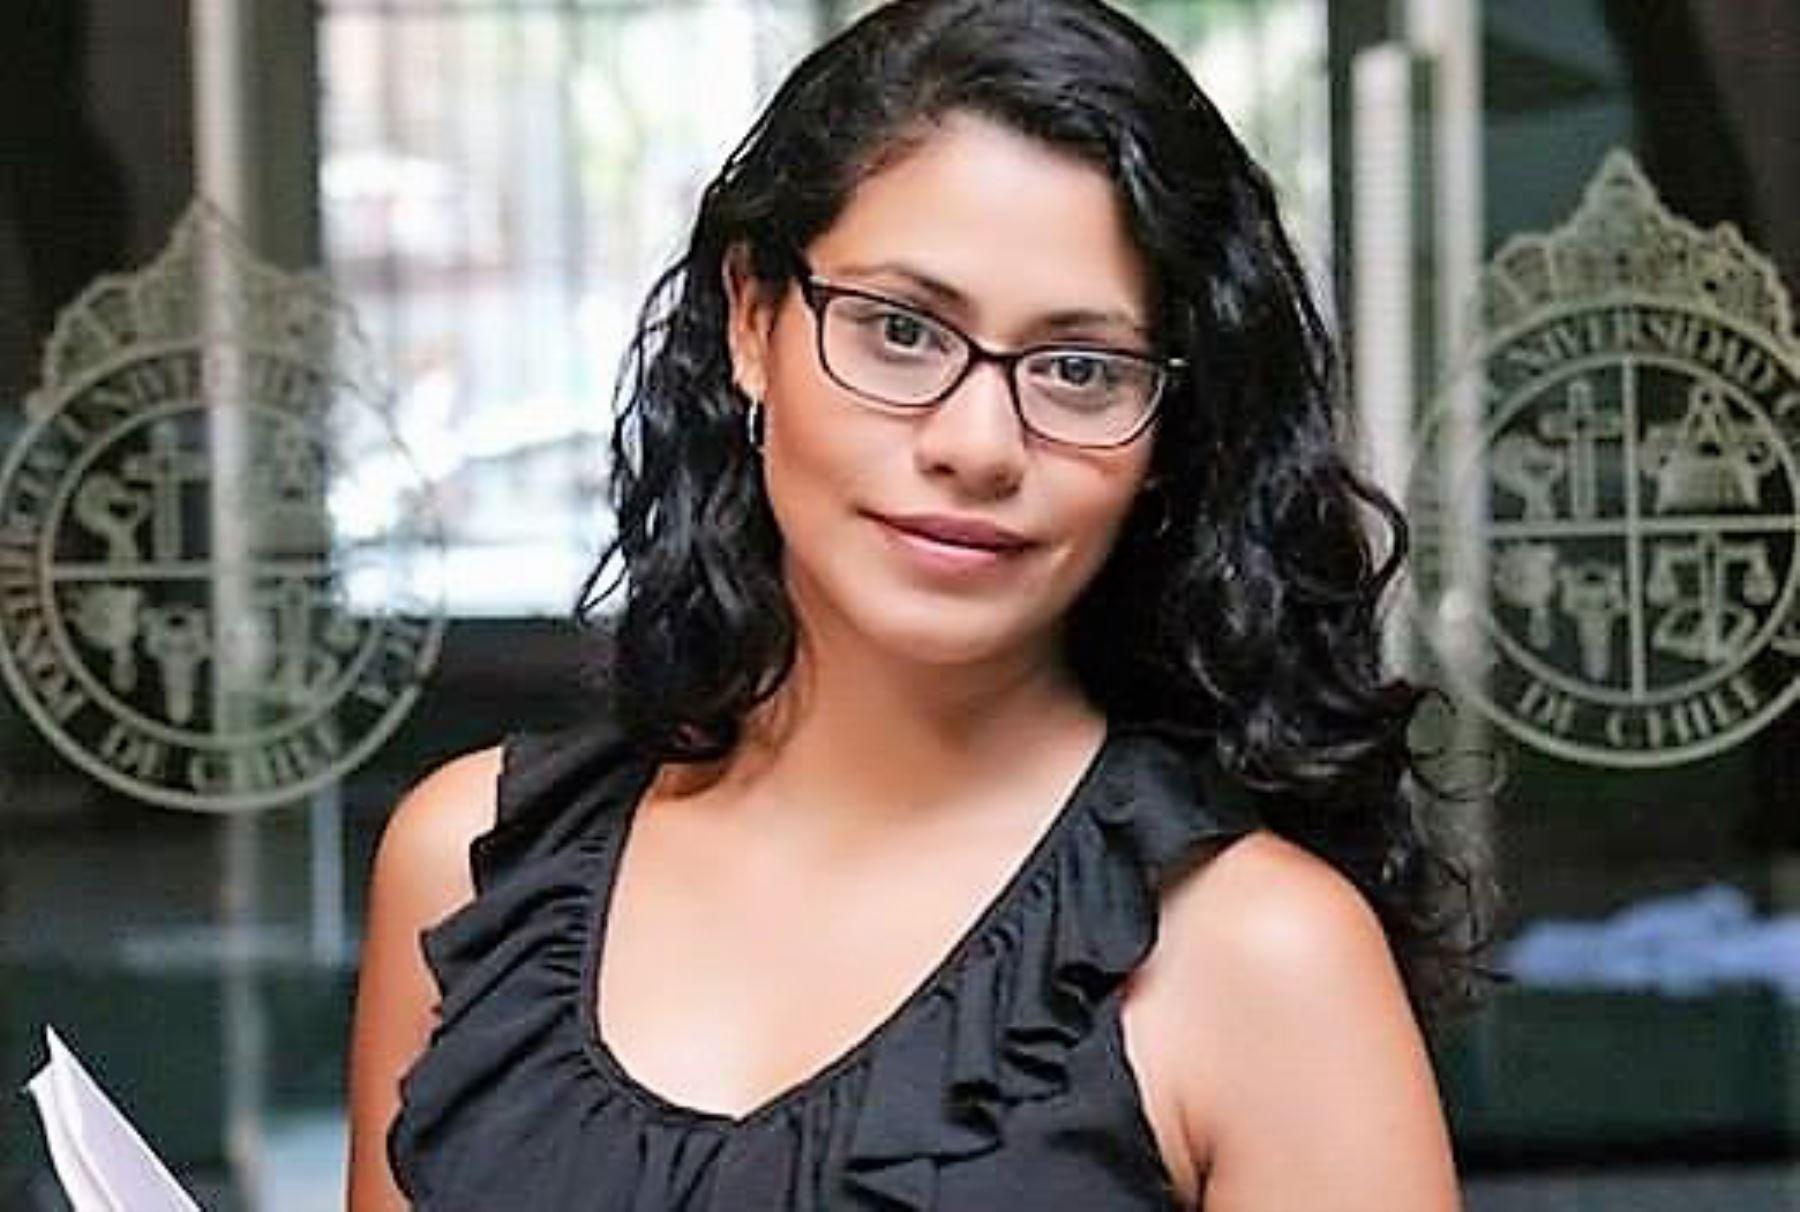 Melissa Insúa, becaria peruana, se graduó como magister con excelencia en universidad de Chile. Foto: ANDINA/Difusión.